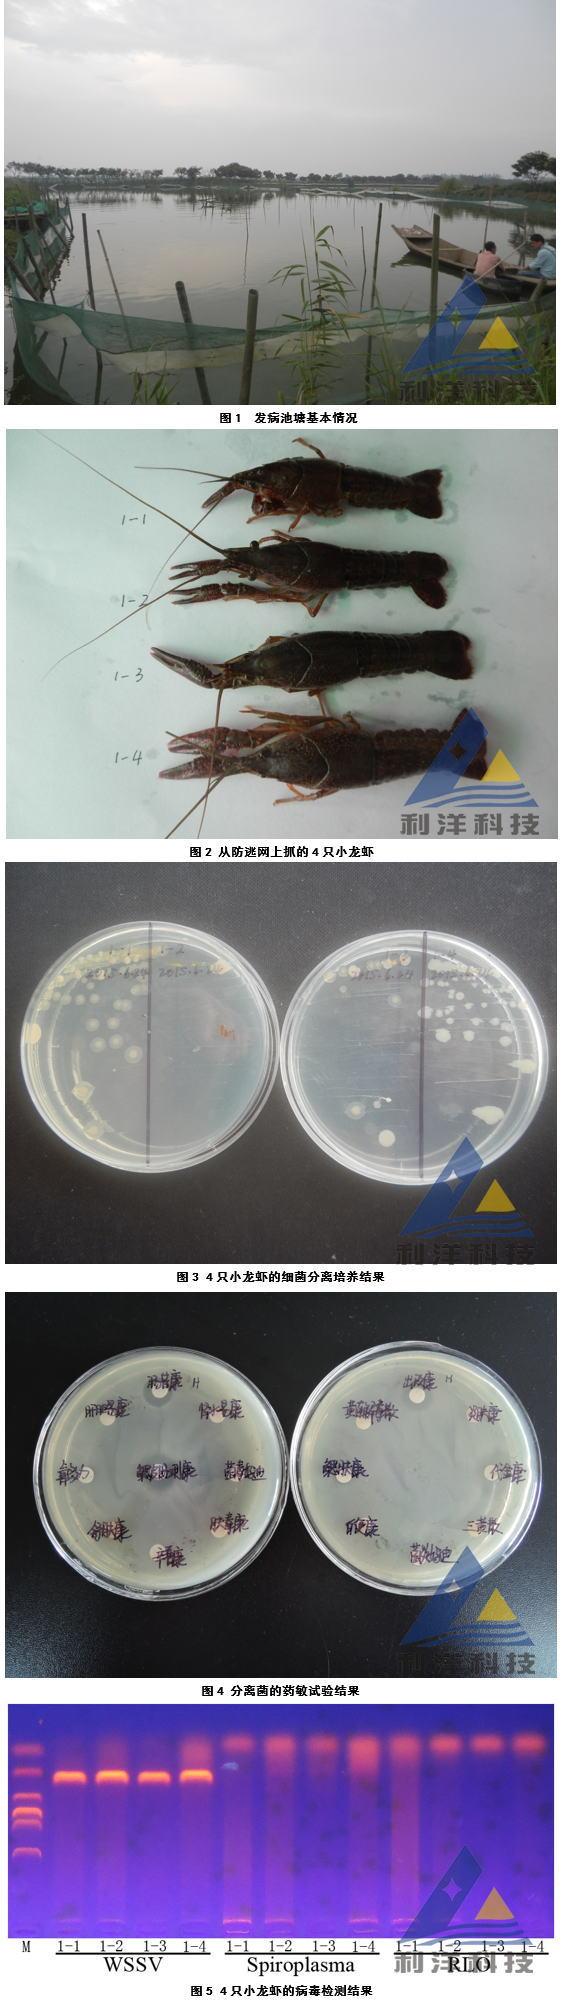 发病小龙虾白斑症病毒(WSSV)检出一例